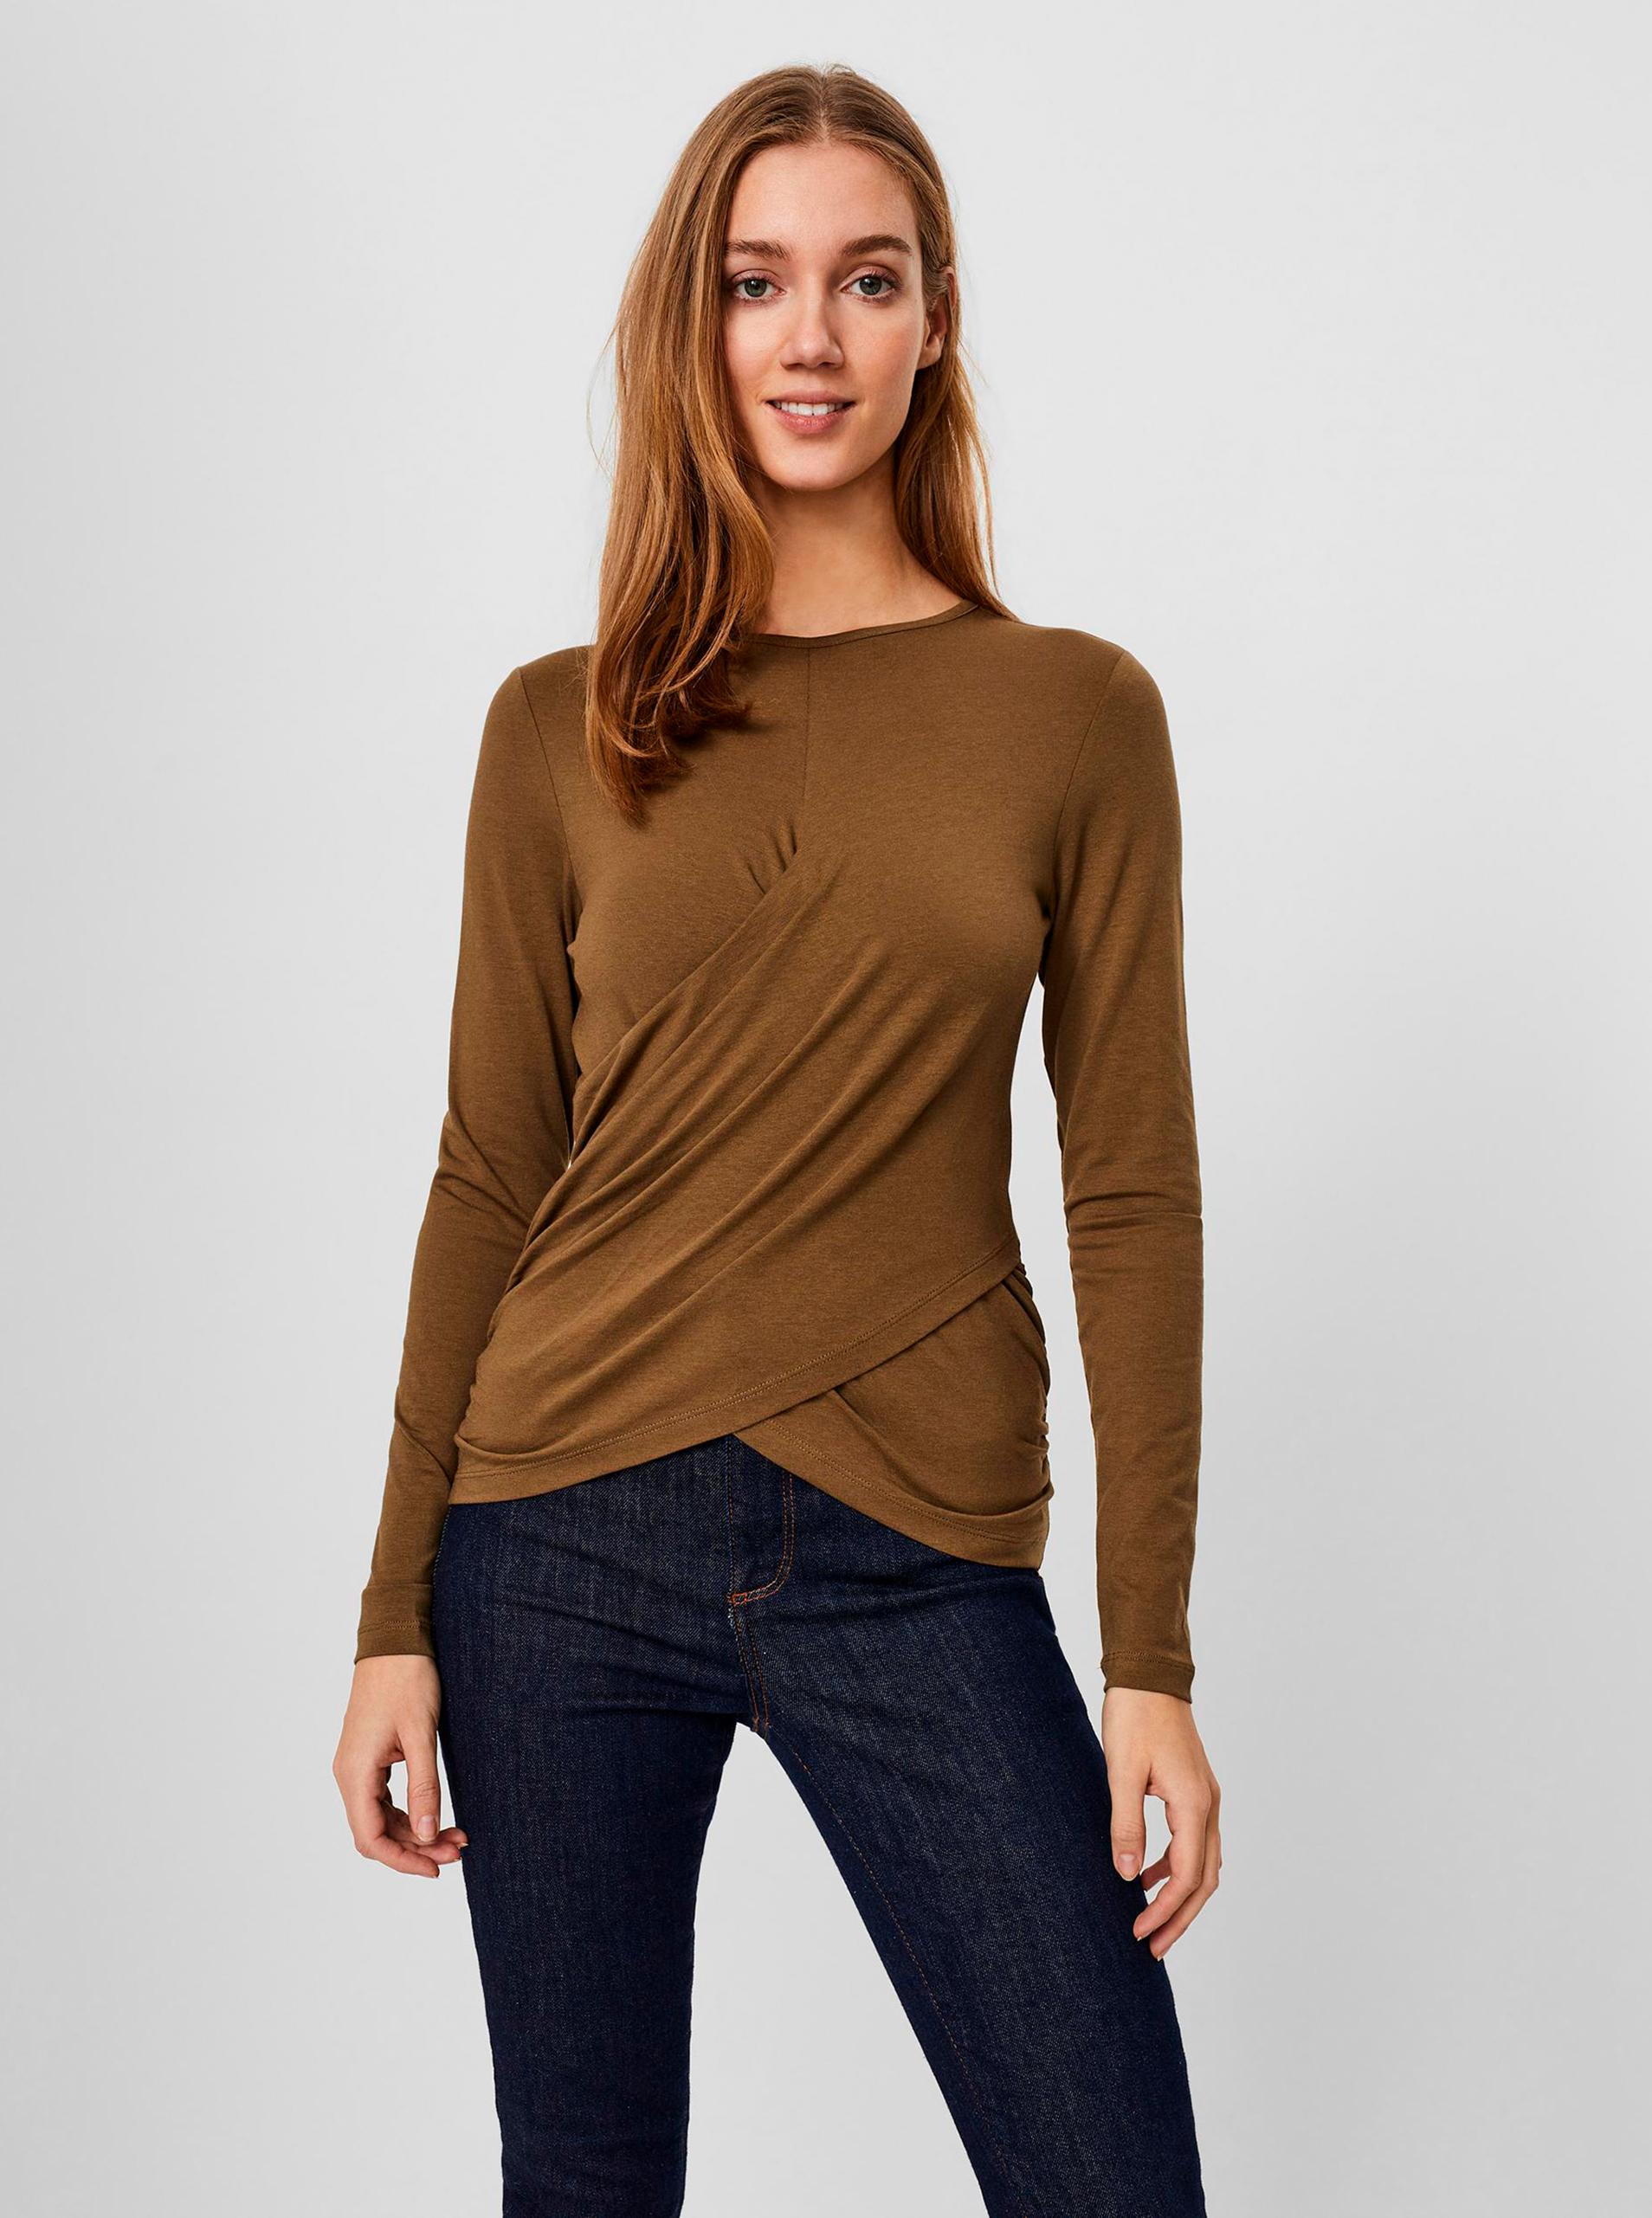 Vero Moda brown T-shirt